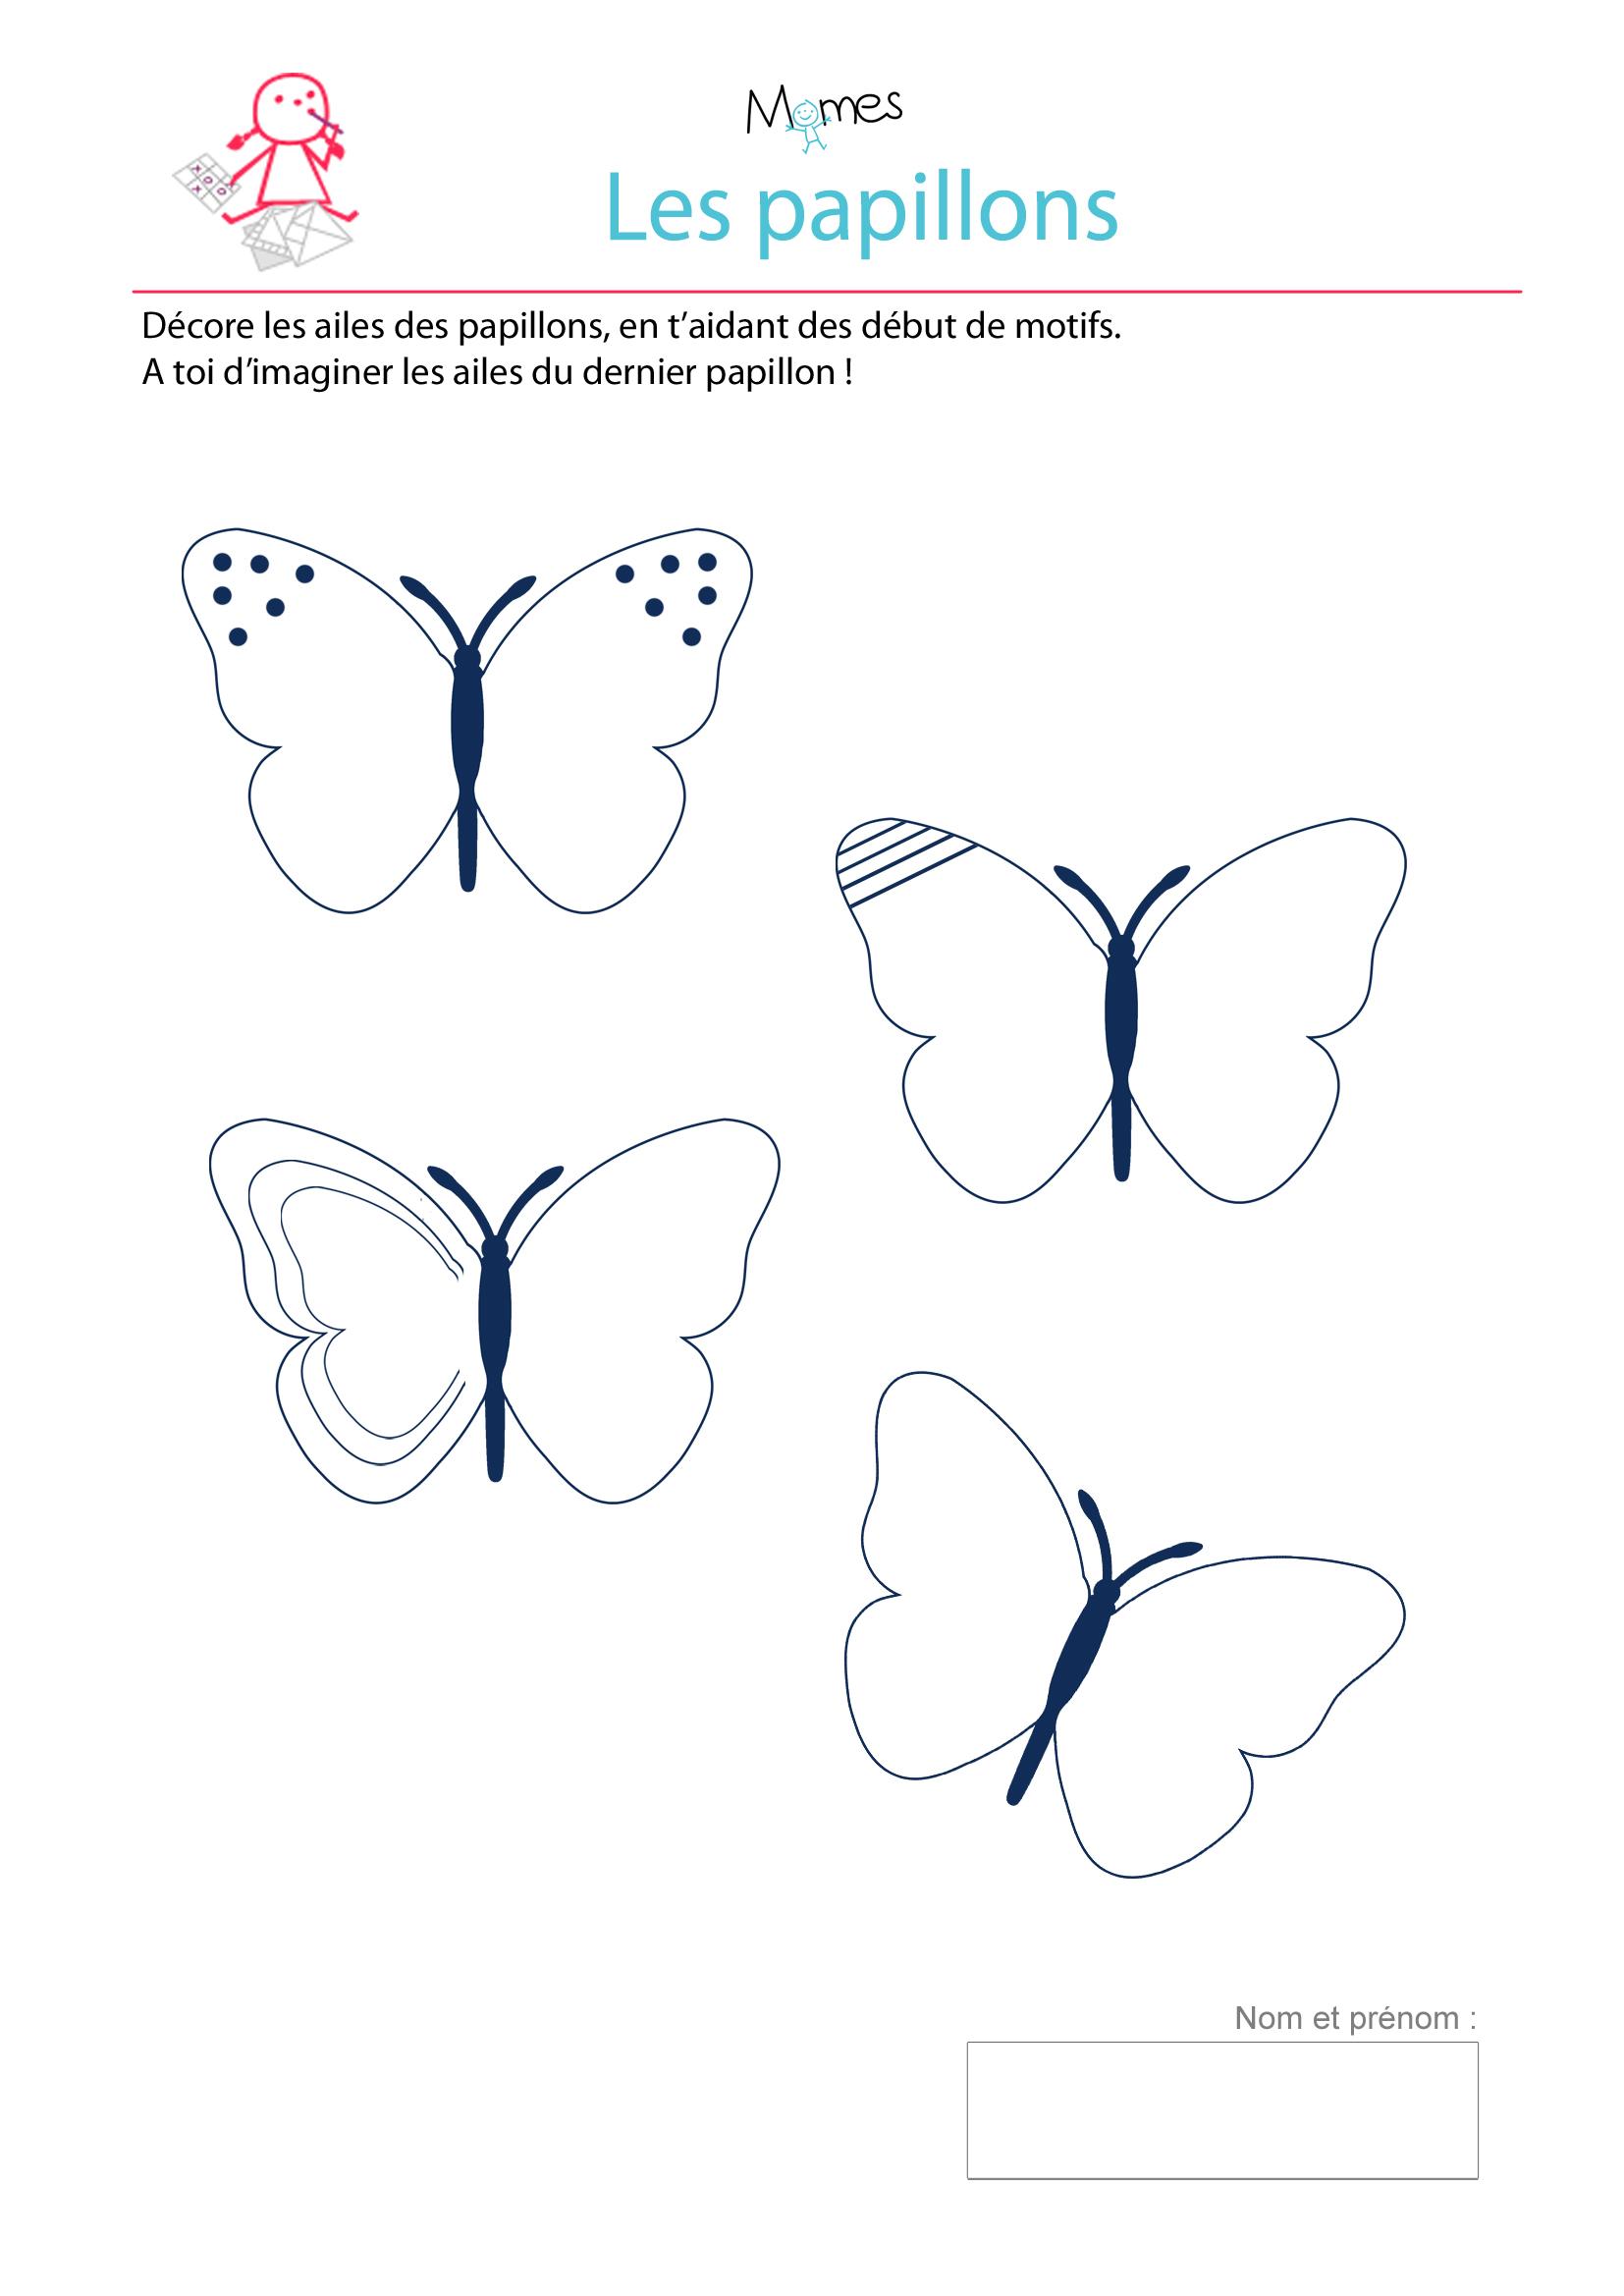 D core les ailes des papillons exercice imprimer - Papillon maternelle ...